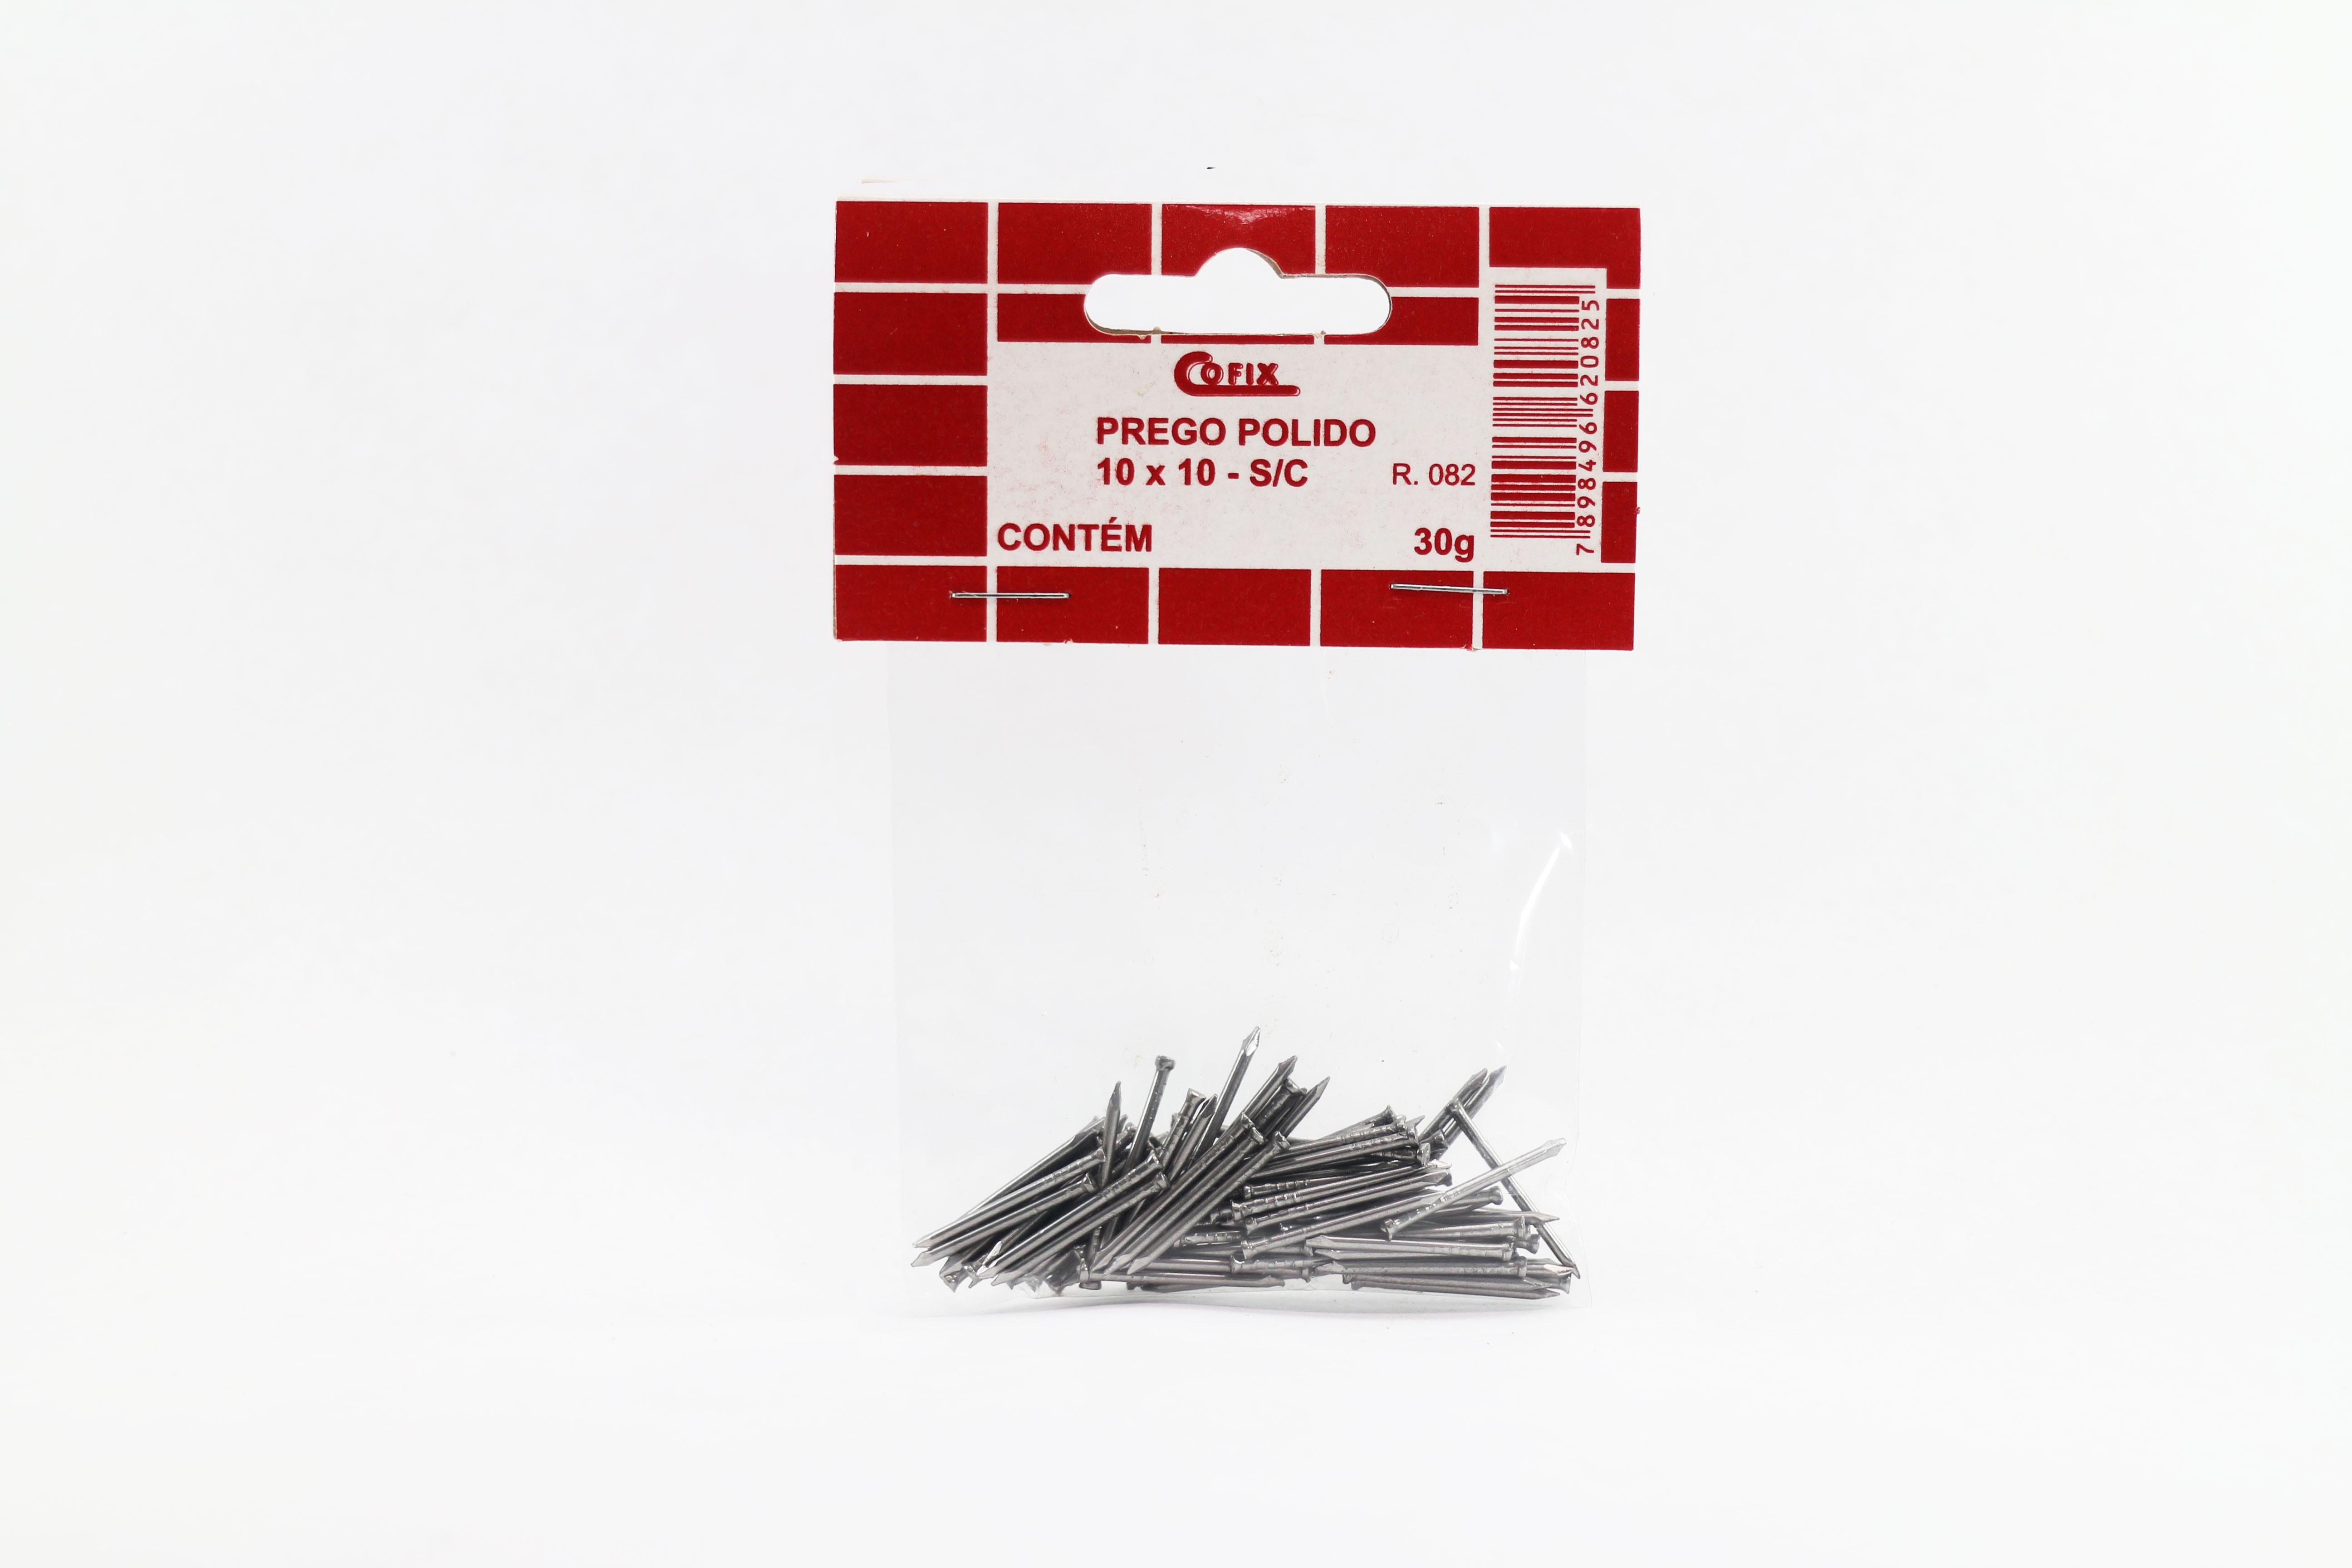 Cartela de Prego Polido sem Cabeça 10x10 30g Cofix